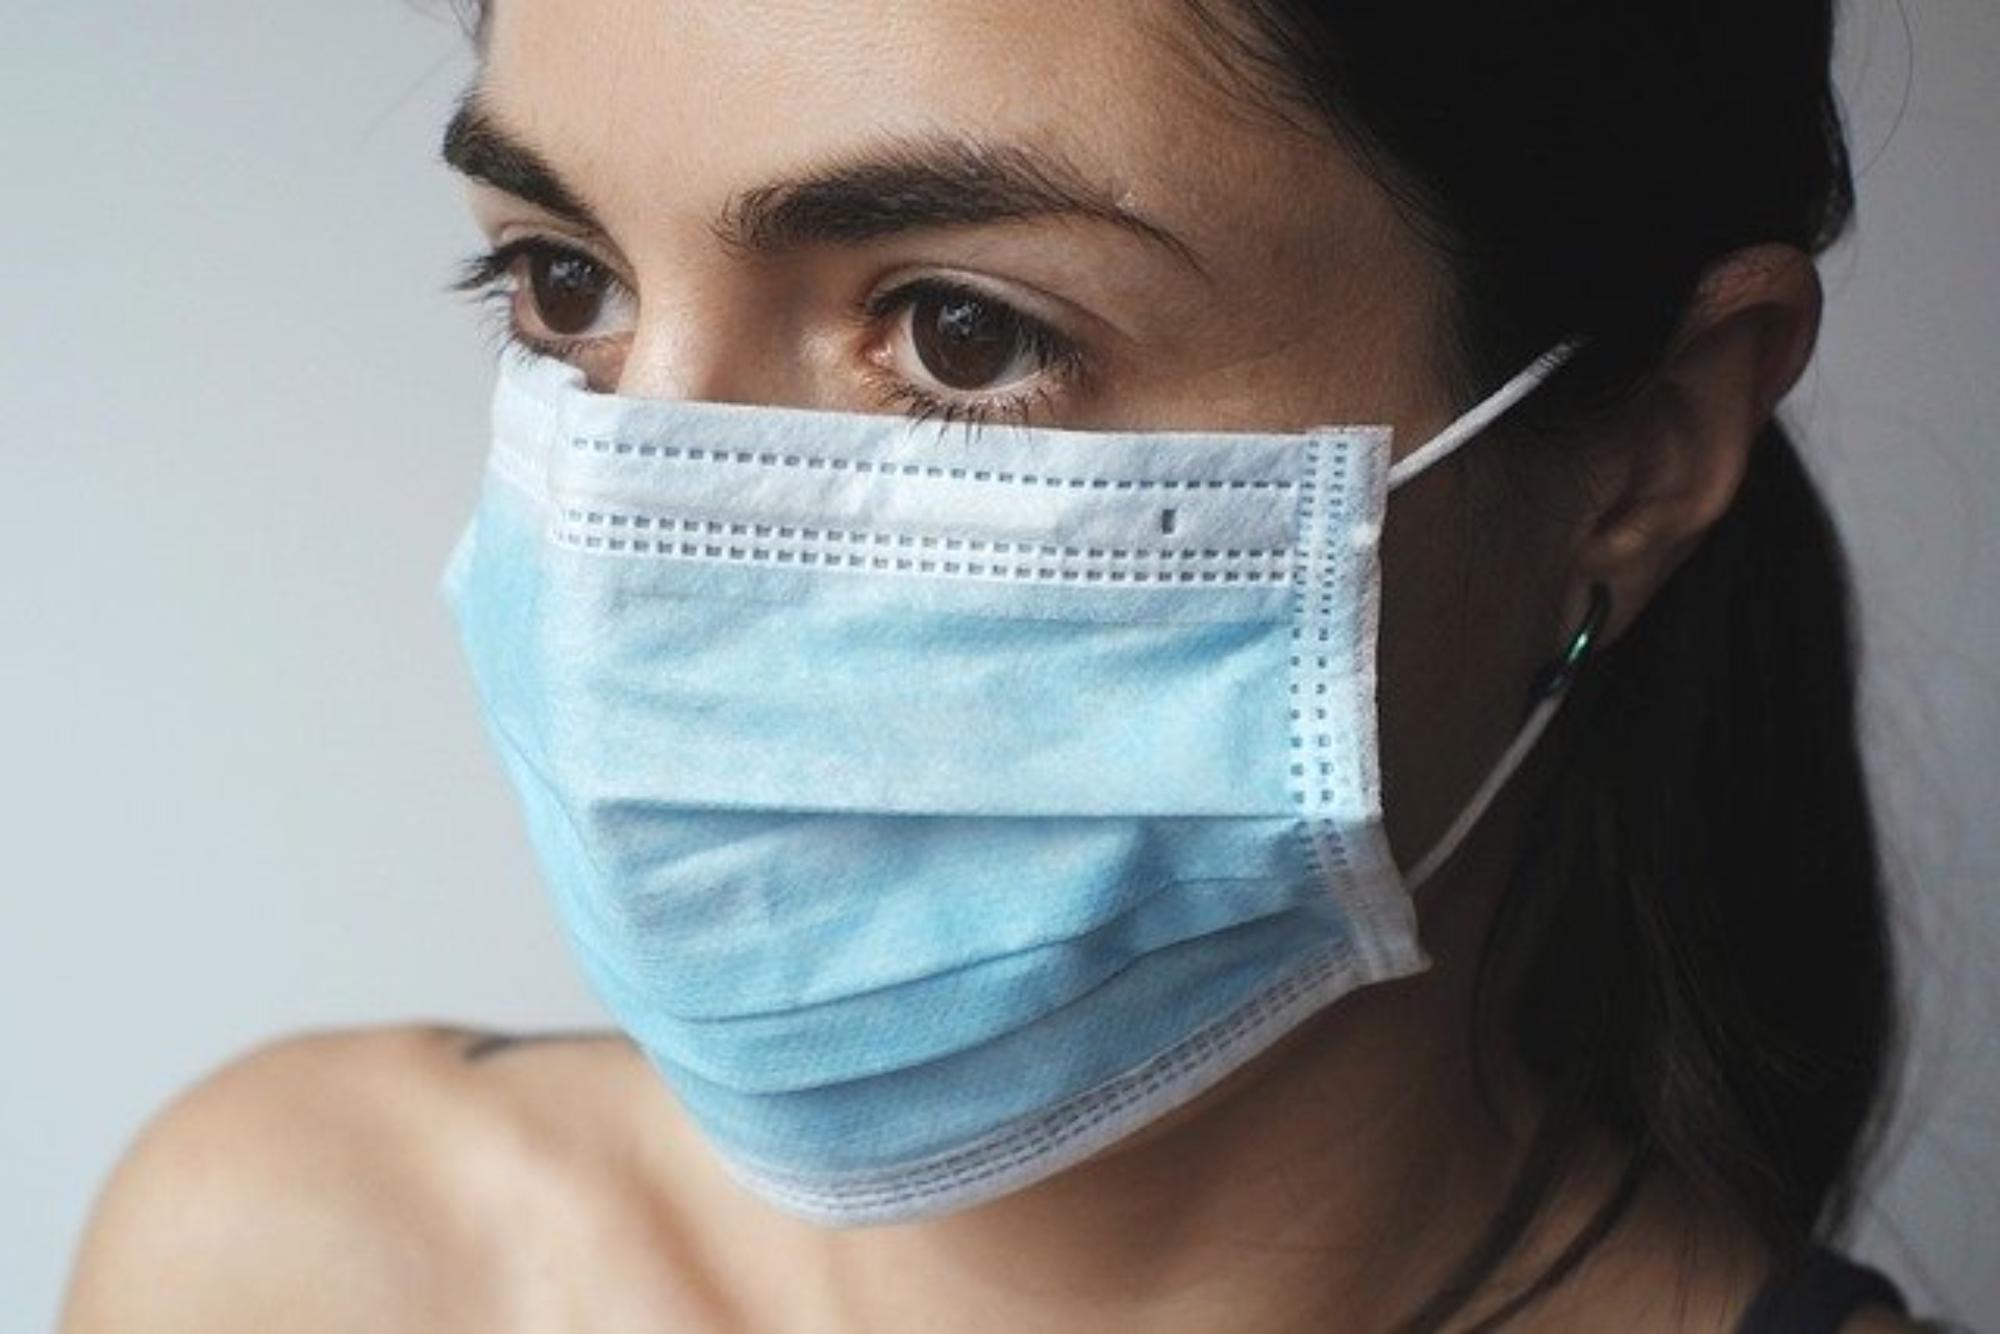 Convergence Infirmière demande de toute urgence du matériel de protection